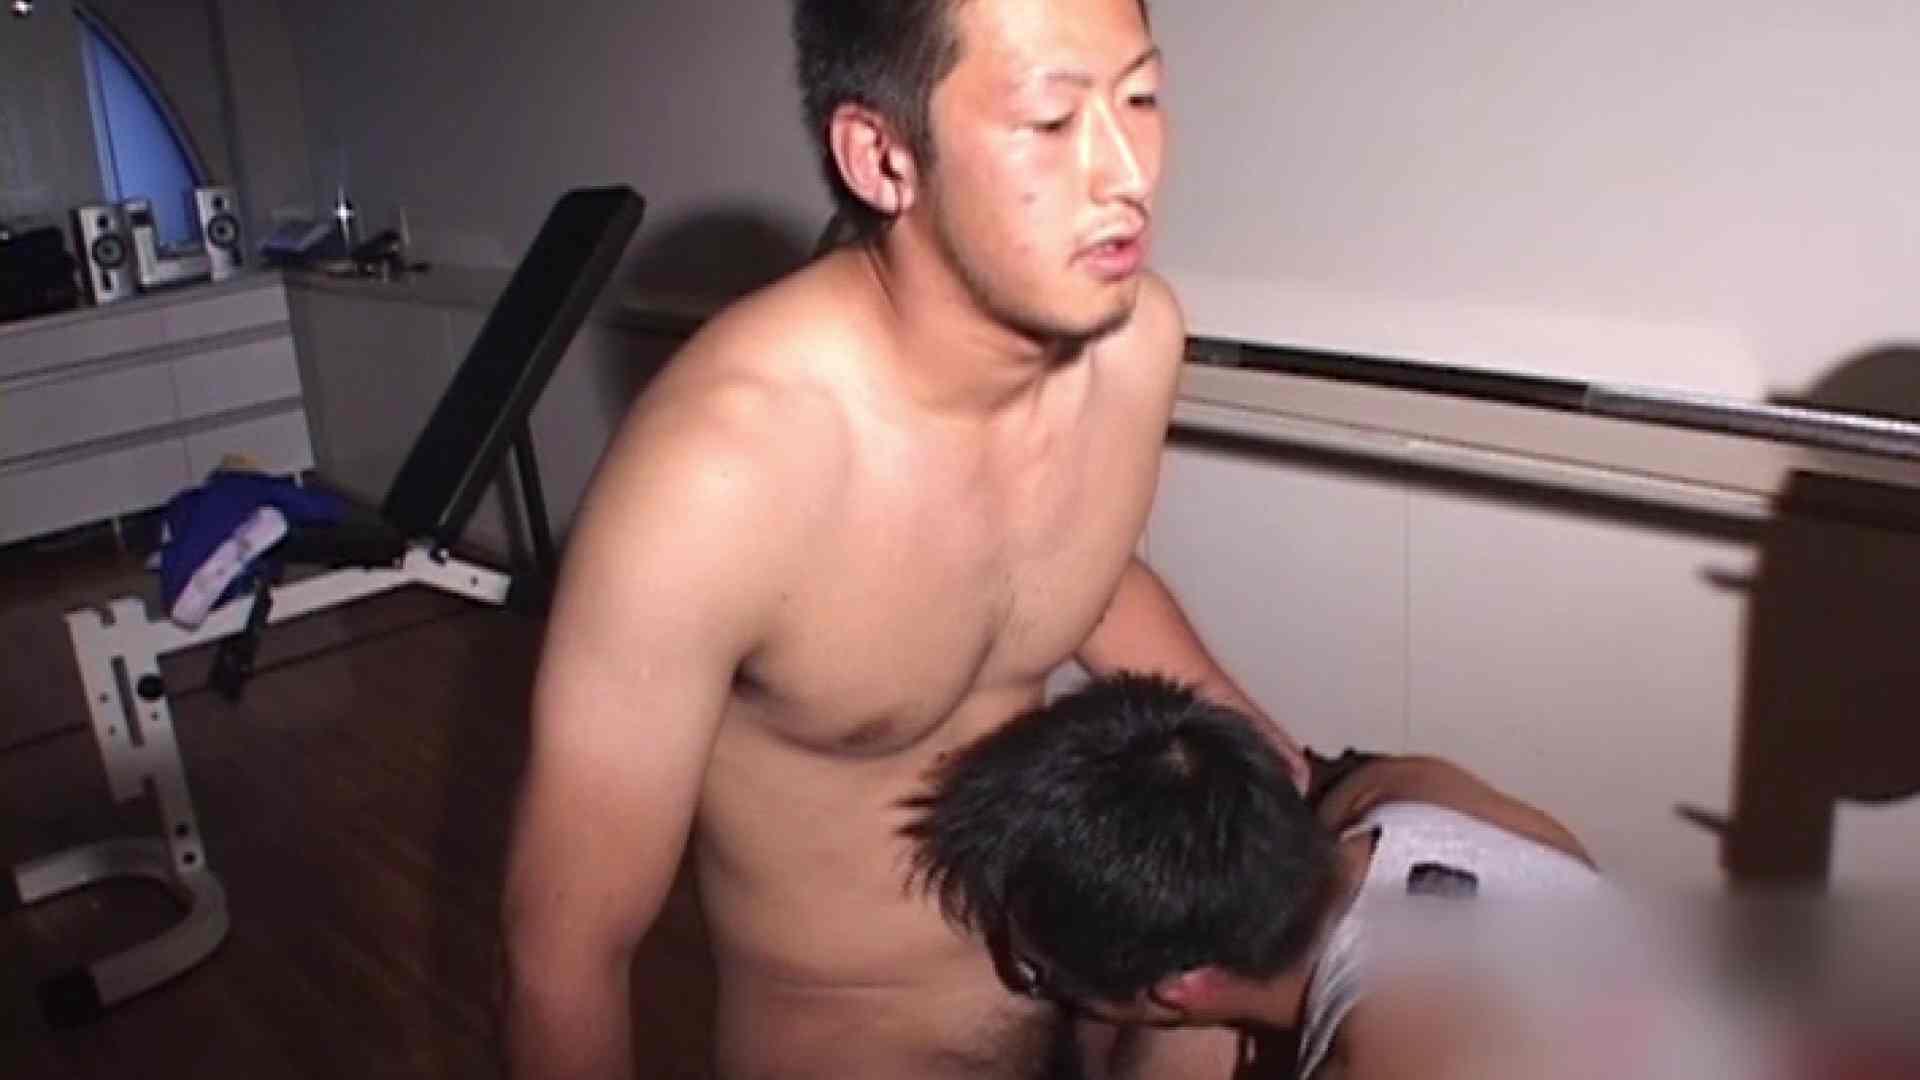 珍肉も筋肉の内!!vol.1 アナル舐め ゲイエロビデオ画像 66pic 52